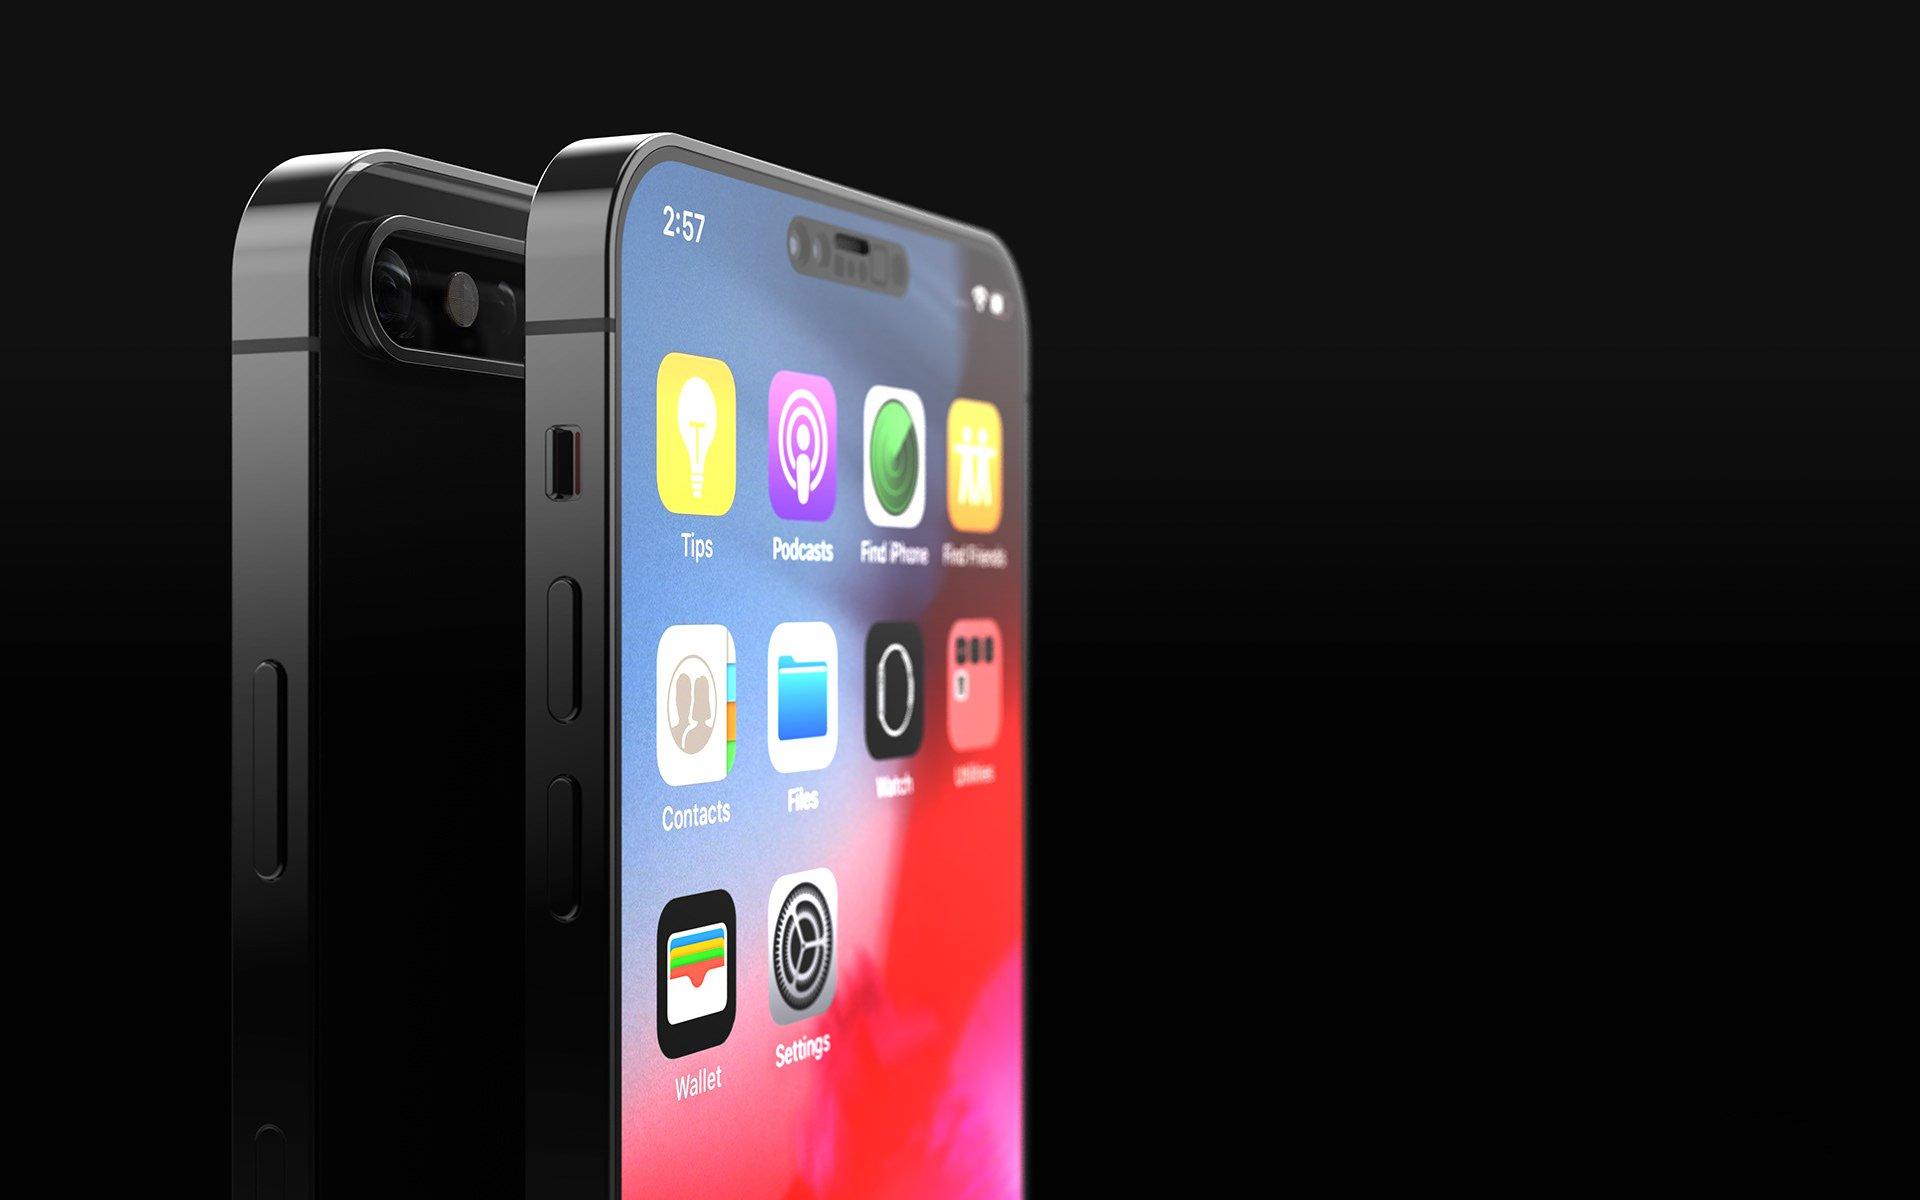 比iPhone12刘海还丑,iPhone13概念图曝光刘海辣眼睛